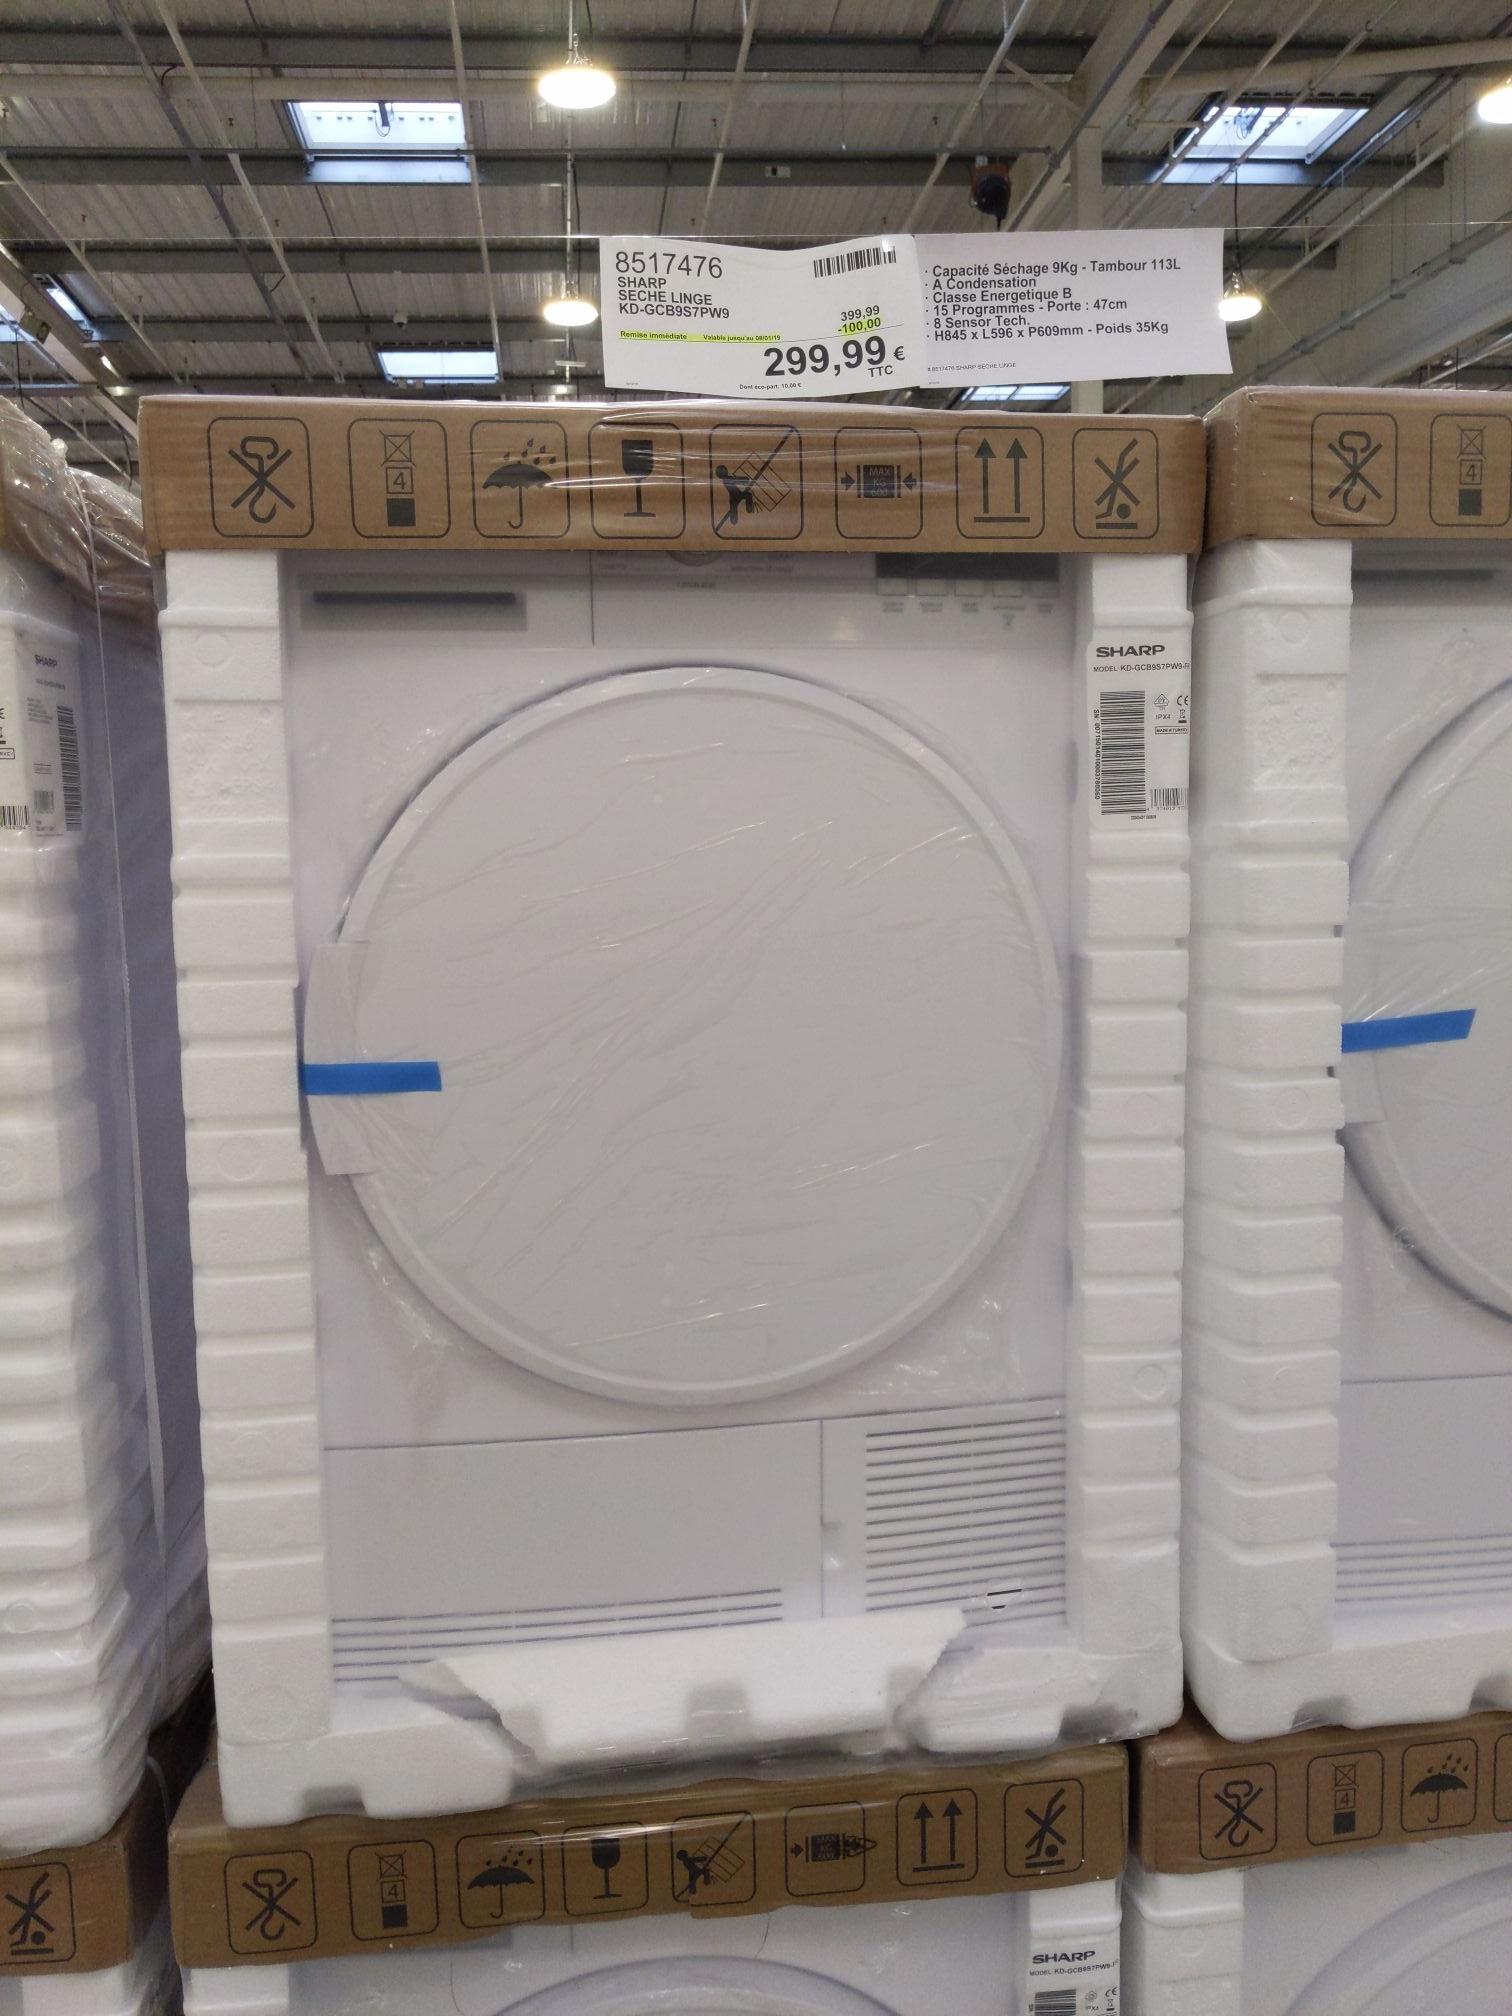 [Carte Costco] Sèche linge condensation Sharp KD-GCB9S7PW9 - 9kg (Villebon-sur-Yvette 91)